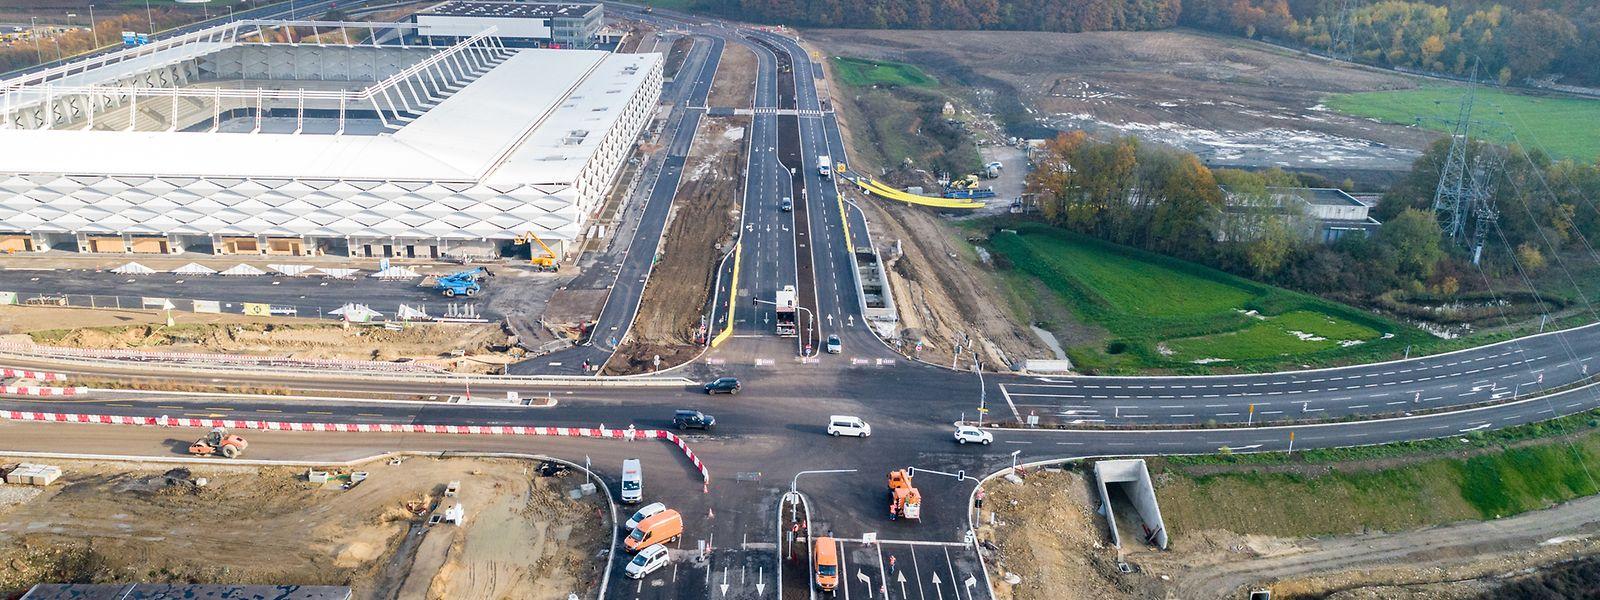 Entlang des neuen Stadions erkennt man die fast 30 Meter breite Fahrbahnfläche.